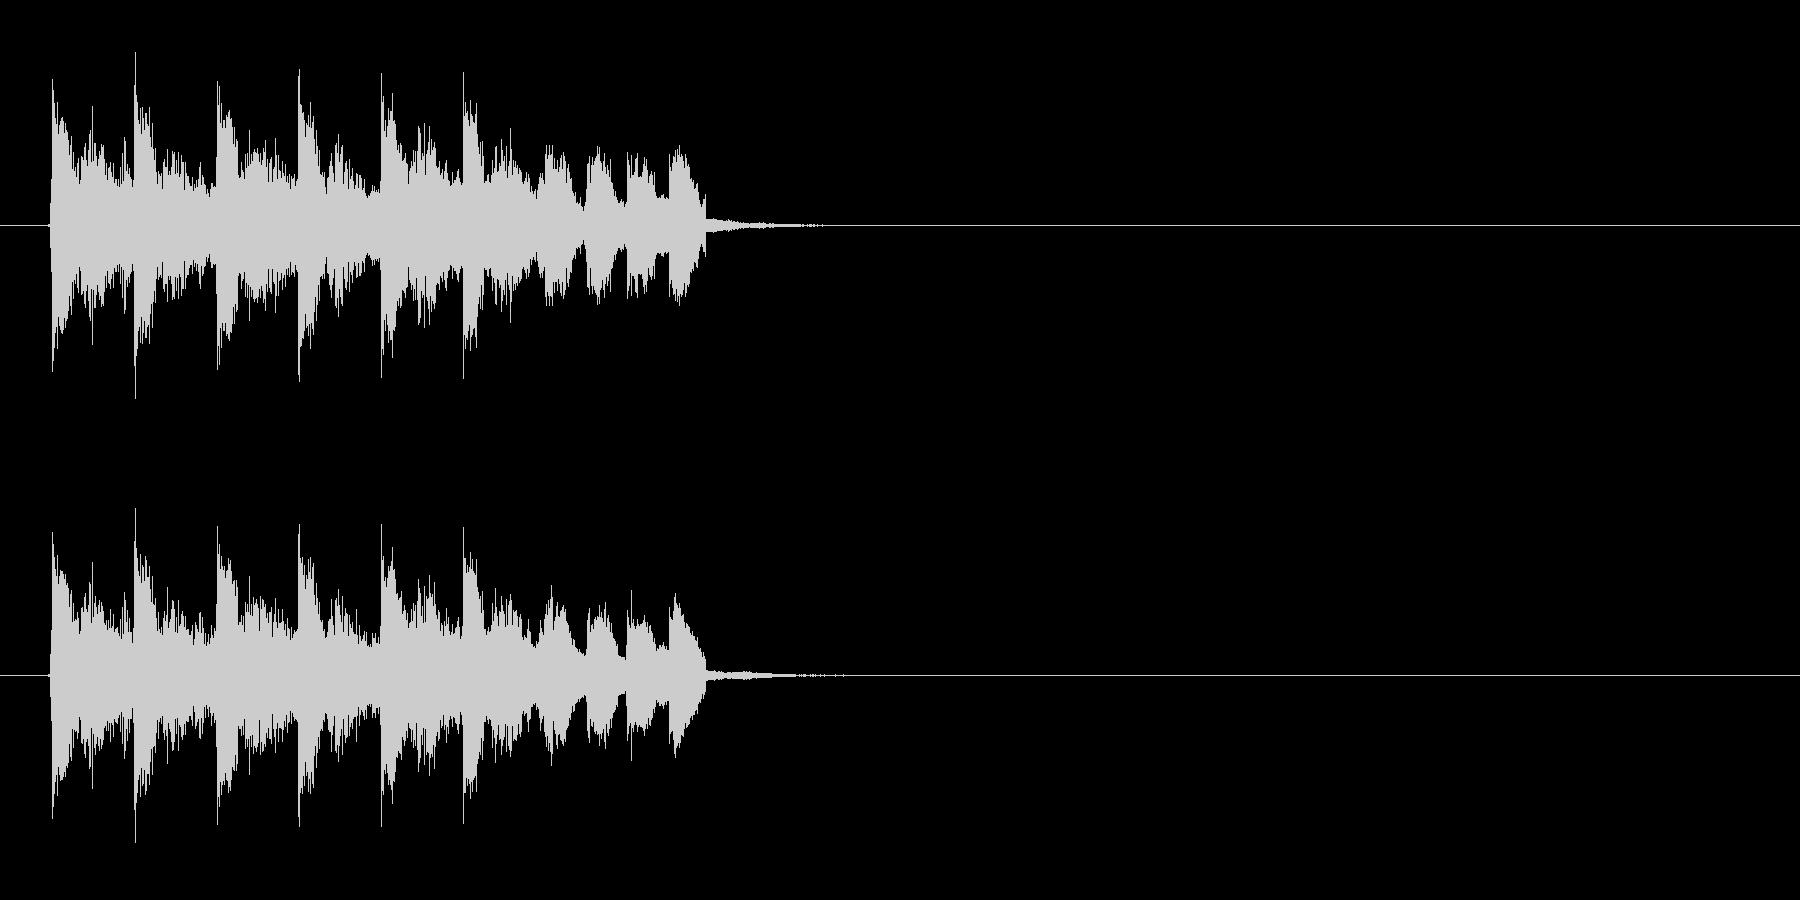 疾走感のある不協和音の未再生の波形